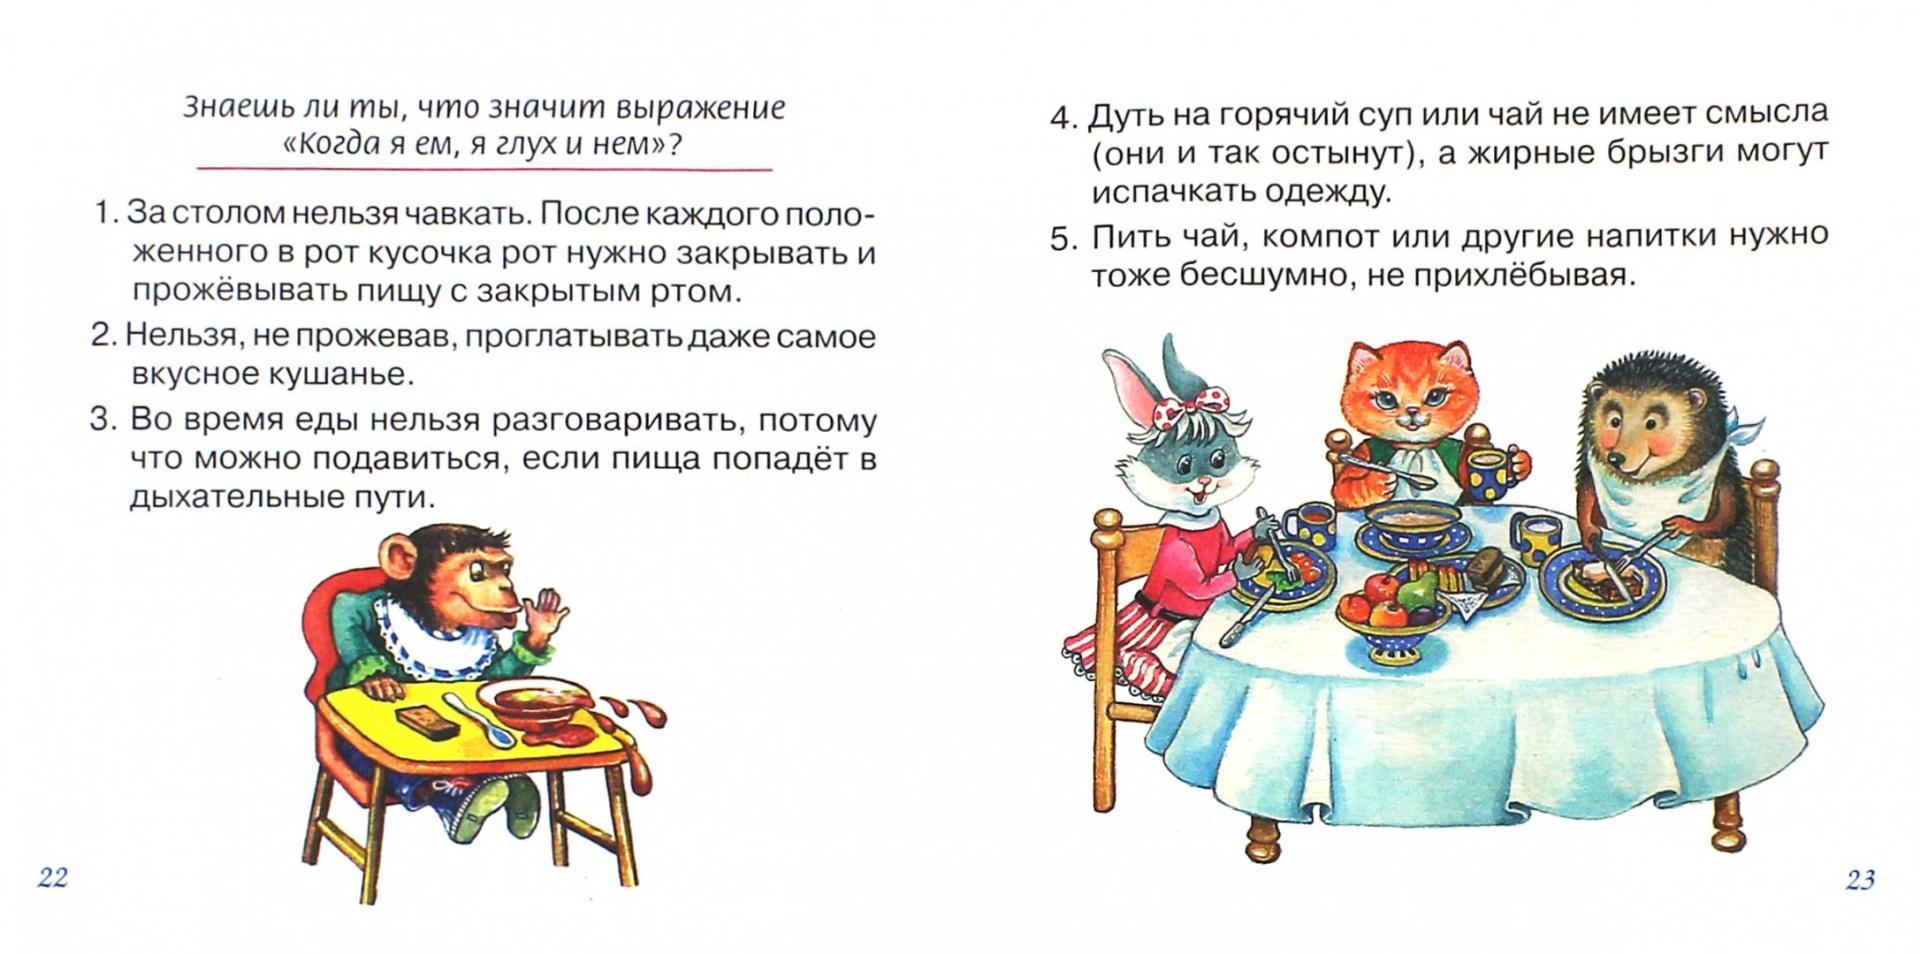 Базовые правила поведения за столом для детей и взрослых